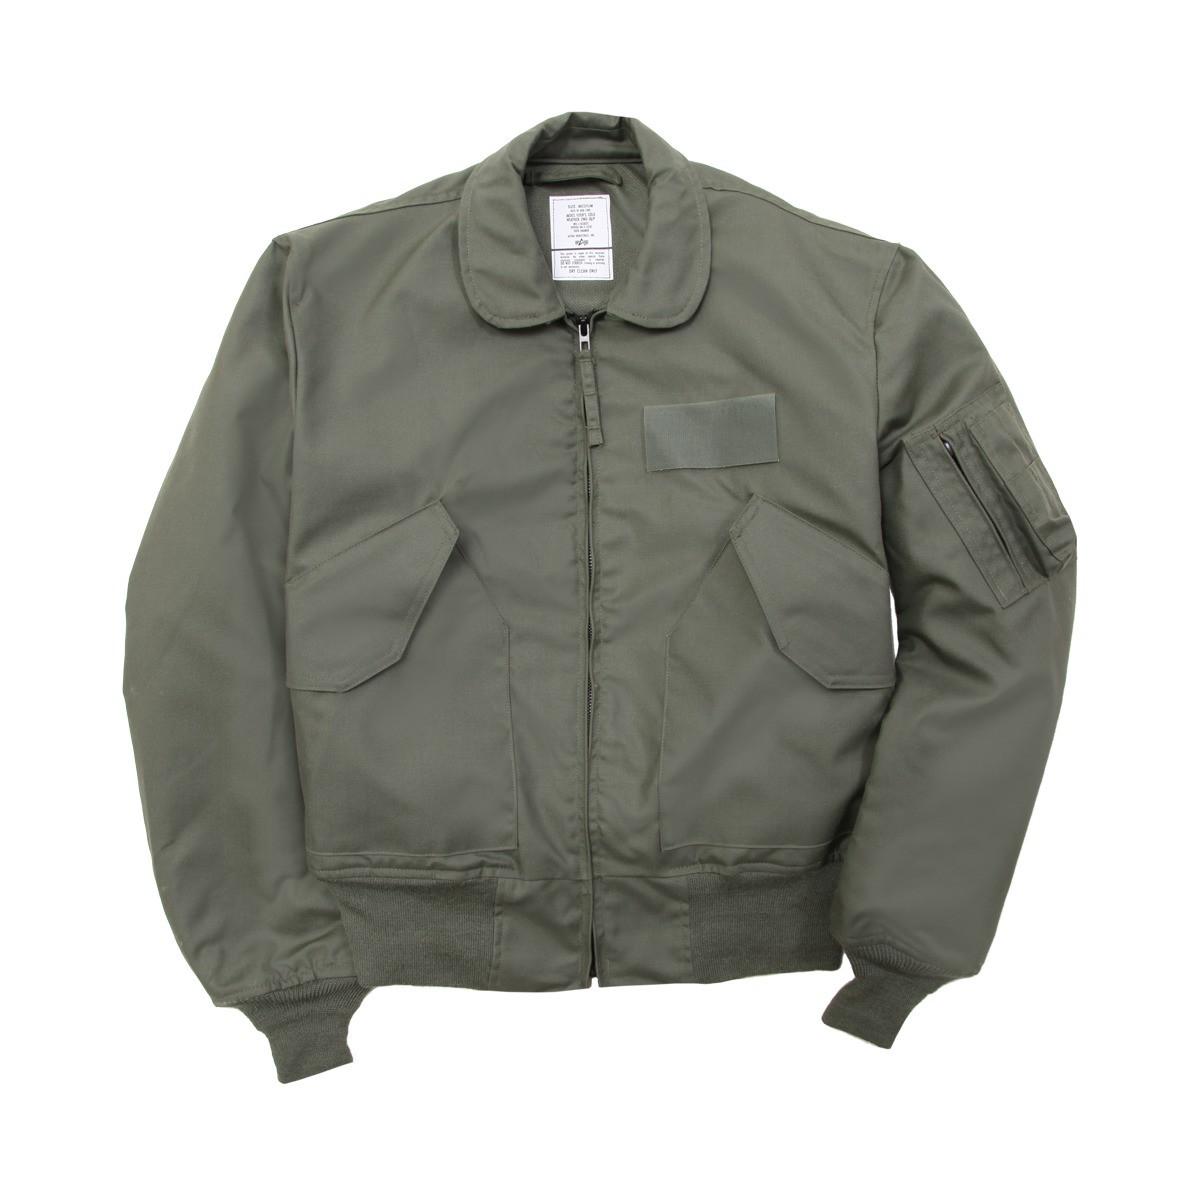 5b3a19b6a Alpha Industries CWU 36/P Nomex Mil Spec Flight Jacket Sage Green USA Made